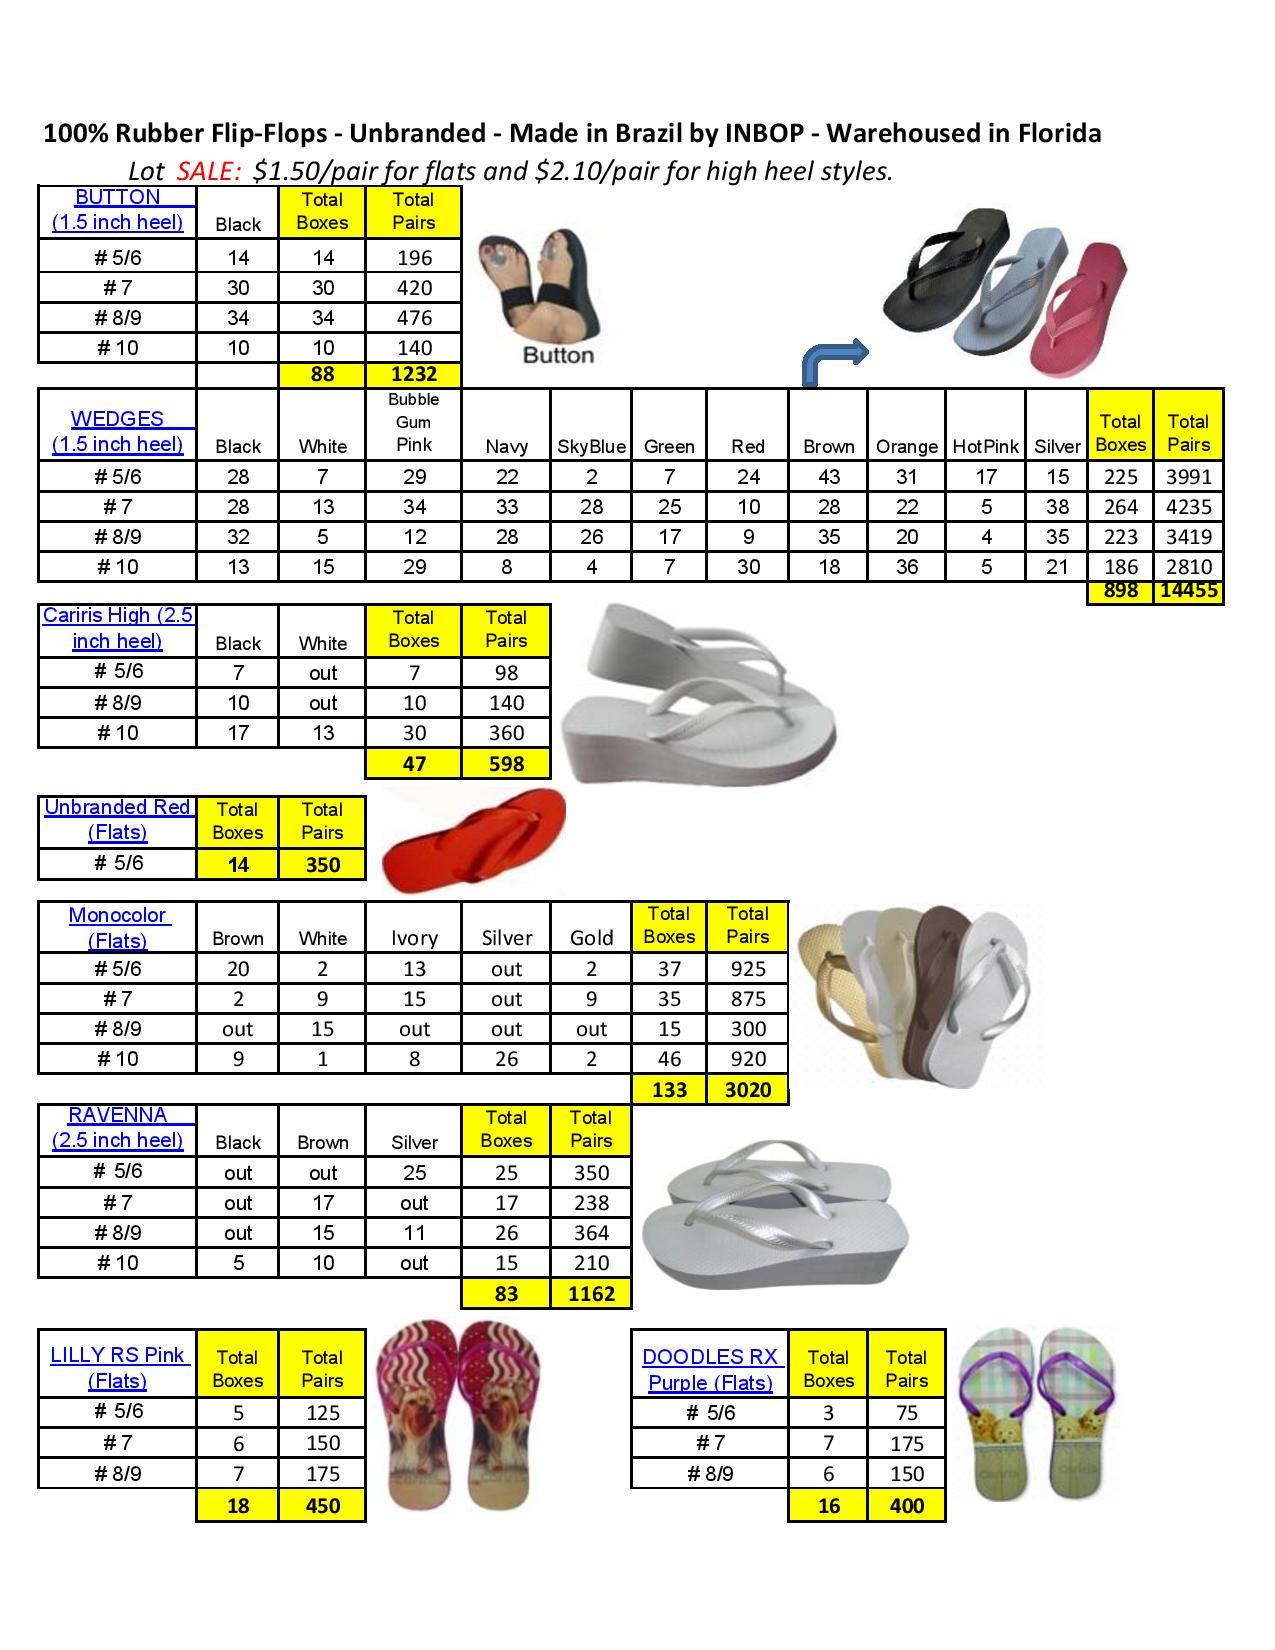 22fbc7a520c5 INVENTORY  2.xls-page-001 - INBOP Flip-Flops